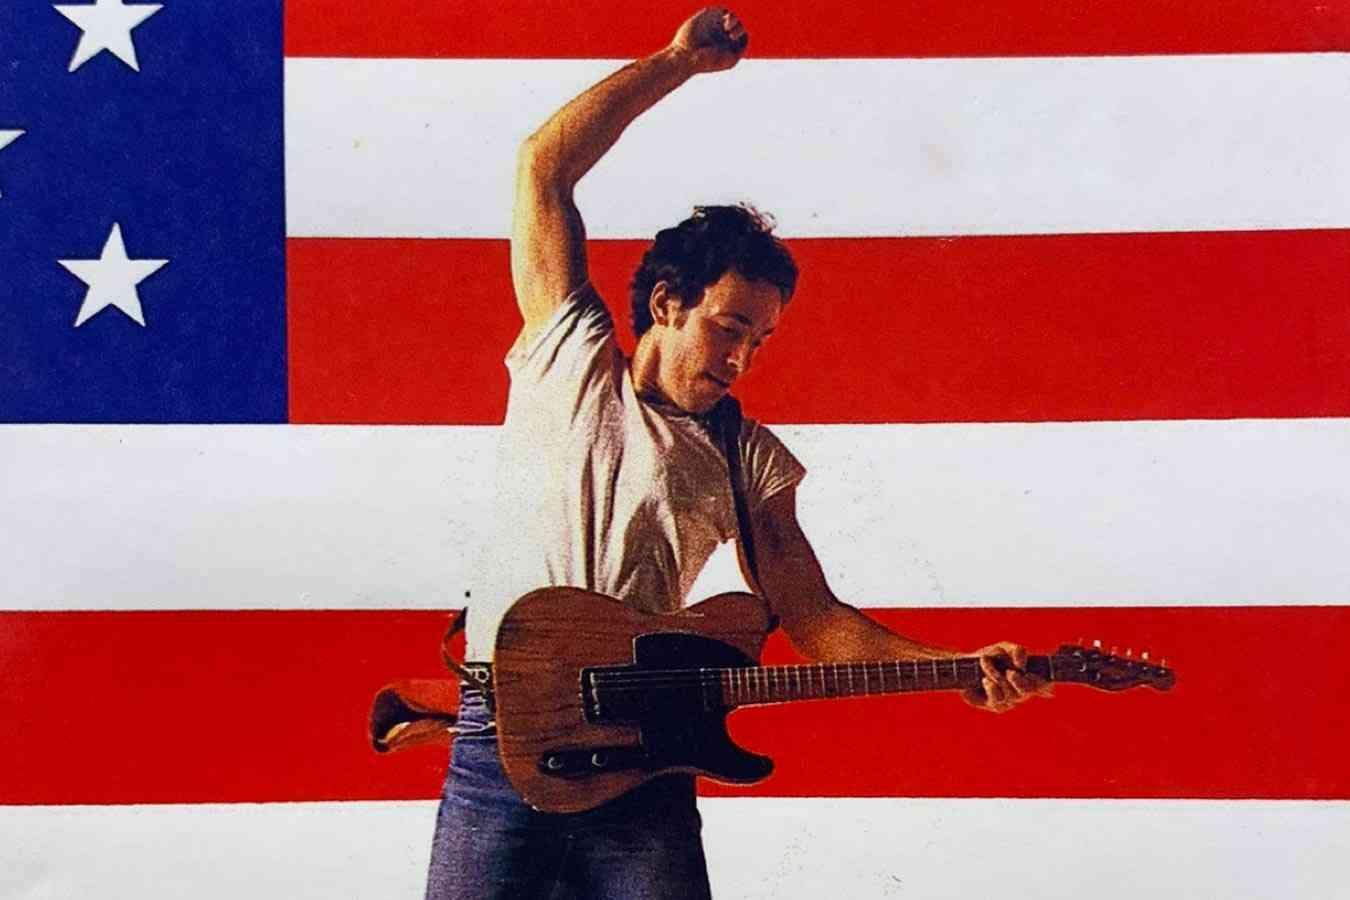 4 giugno nel rock: Bruce Springsteen, Born In The USA, Sex Pistols, Kid Rock, Beach Boys, Kurt Cobain, Avril Lavigne